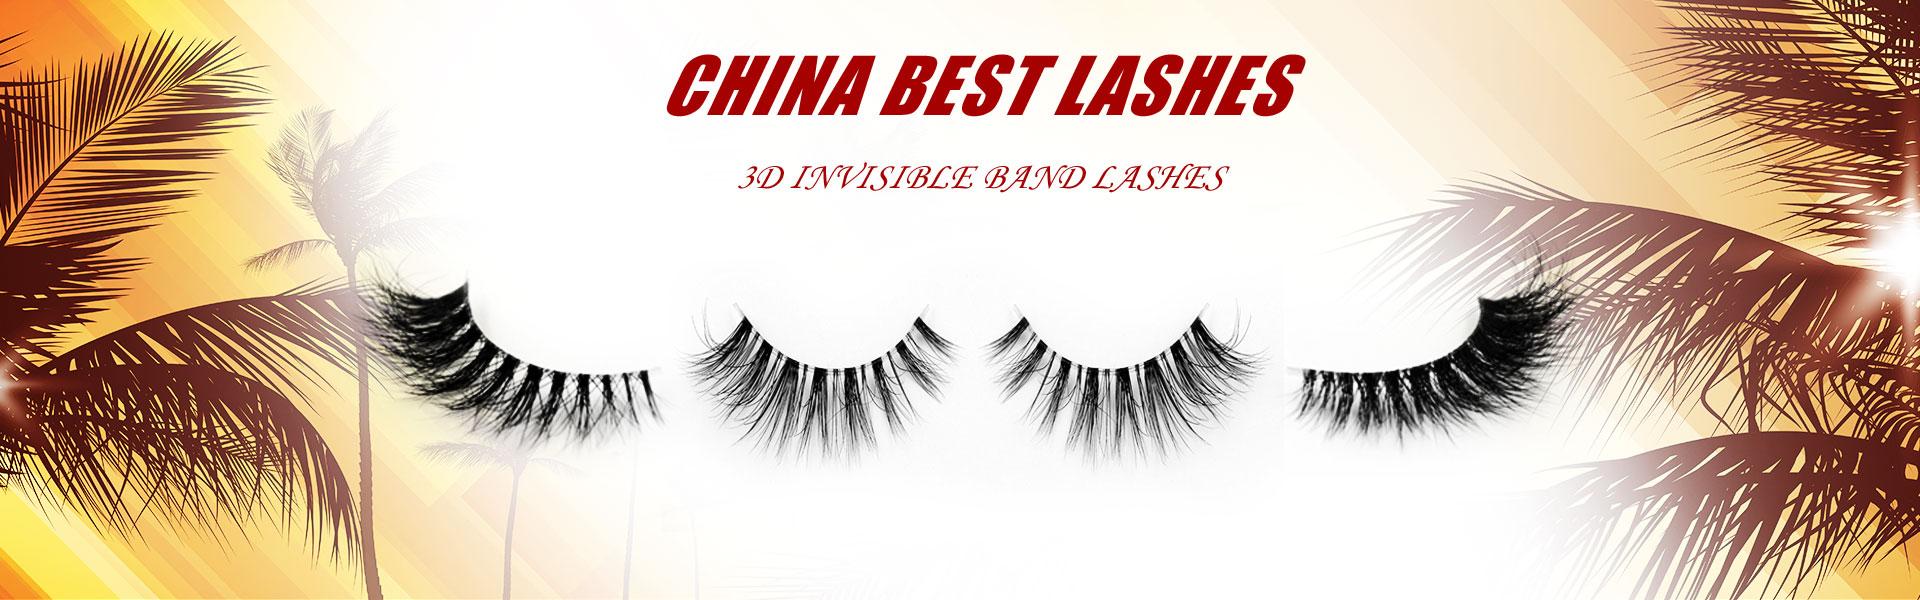 3d mink lashes, lashes factory, lashes wholesale, lashes vendor